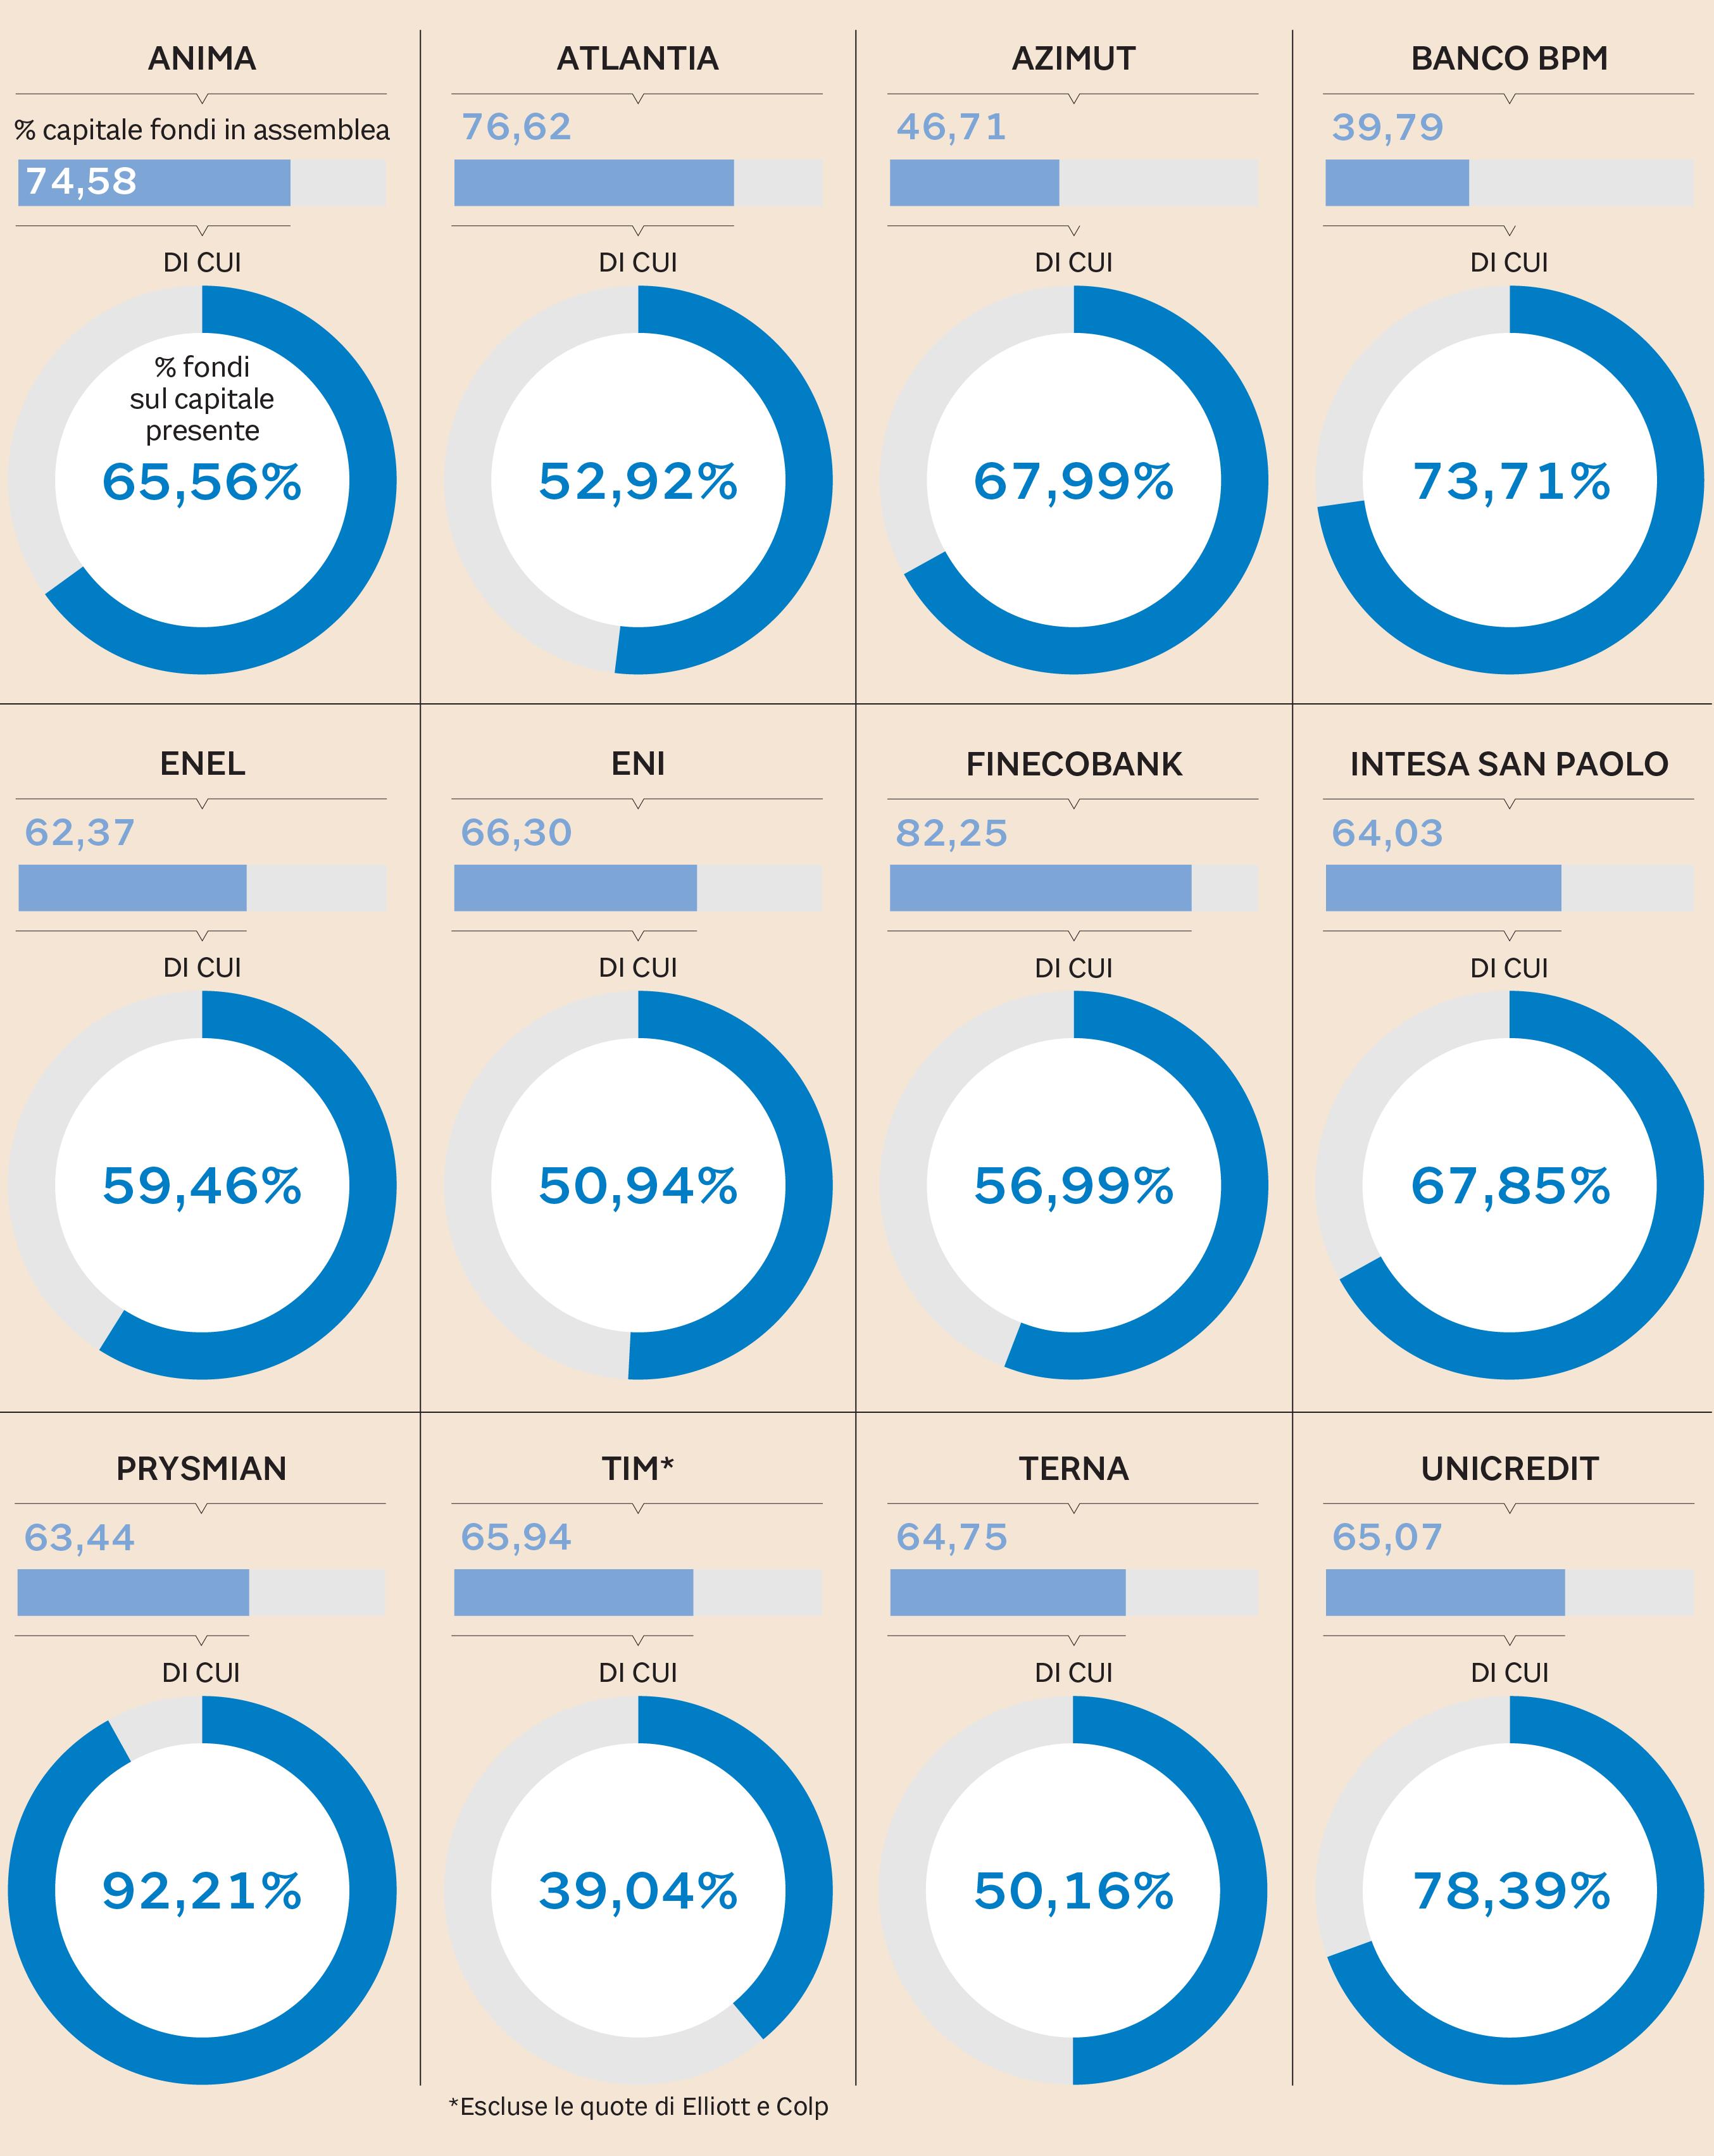 86b396de33 Quota dei fondi sul capitale presente (Fonte: elaborazione Sole 24 Ore su  dati societari)